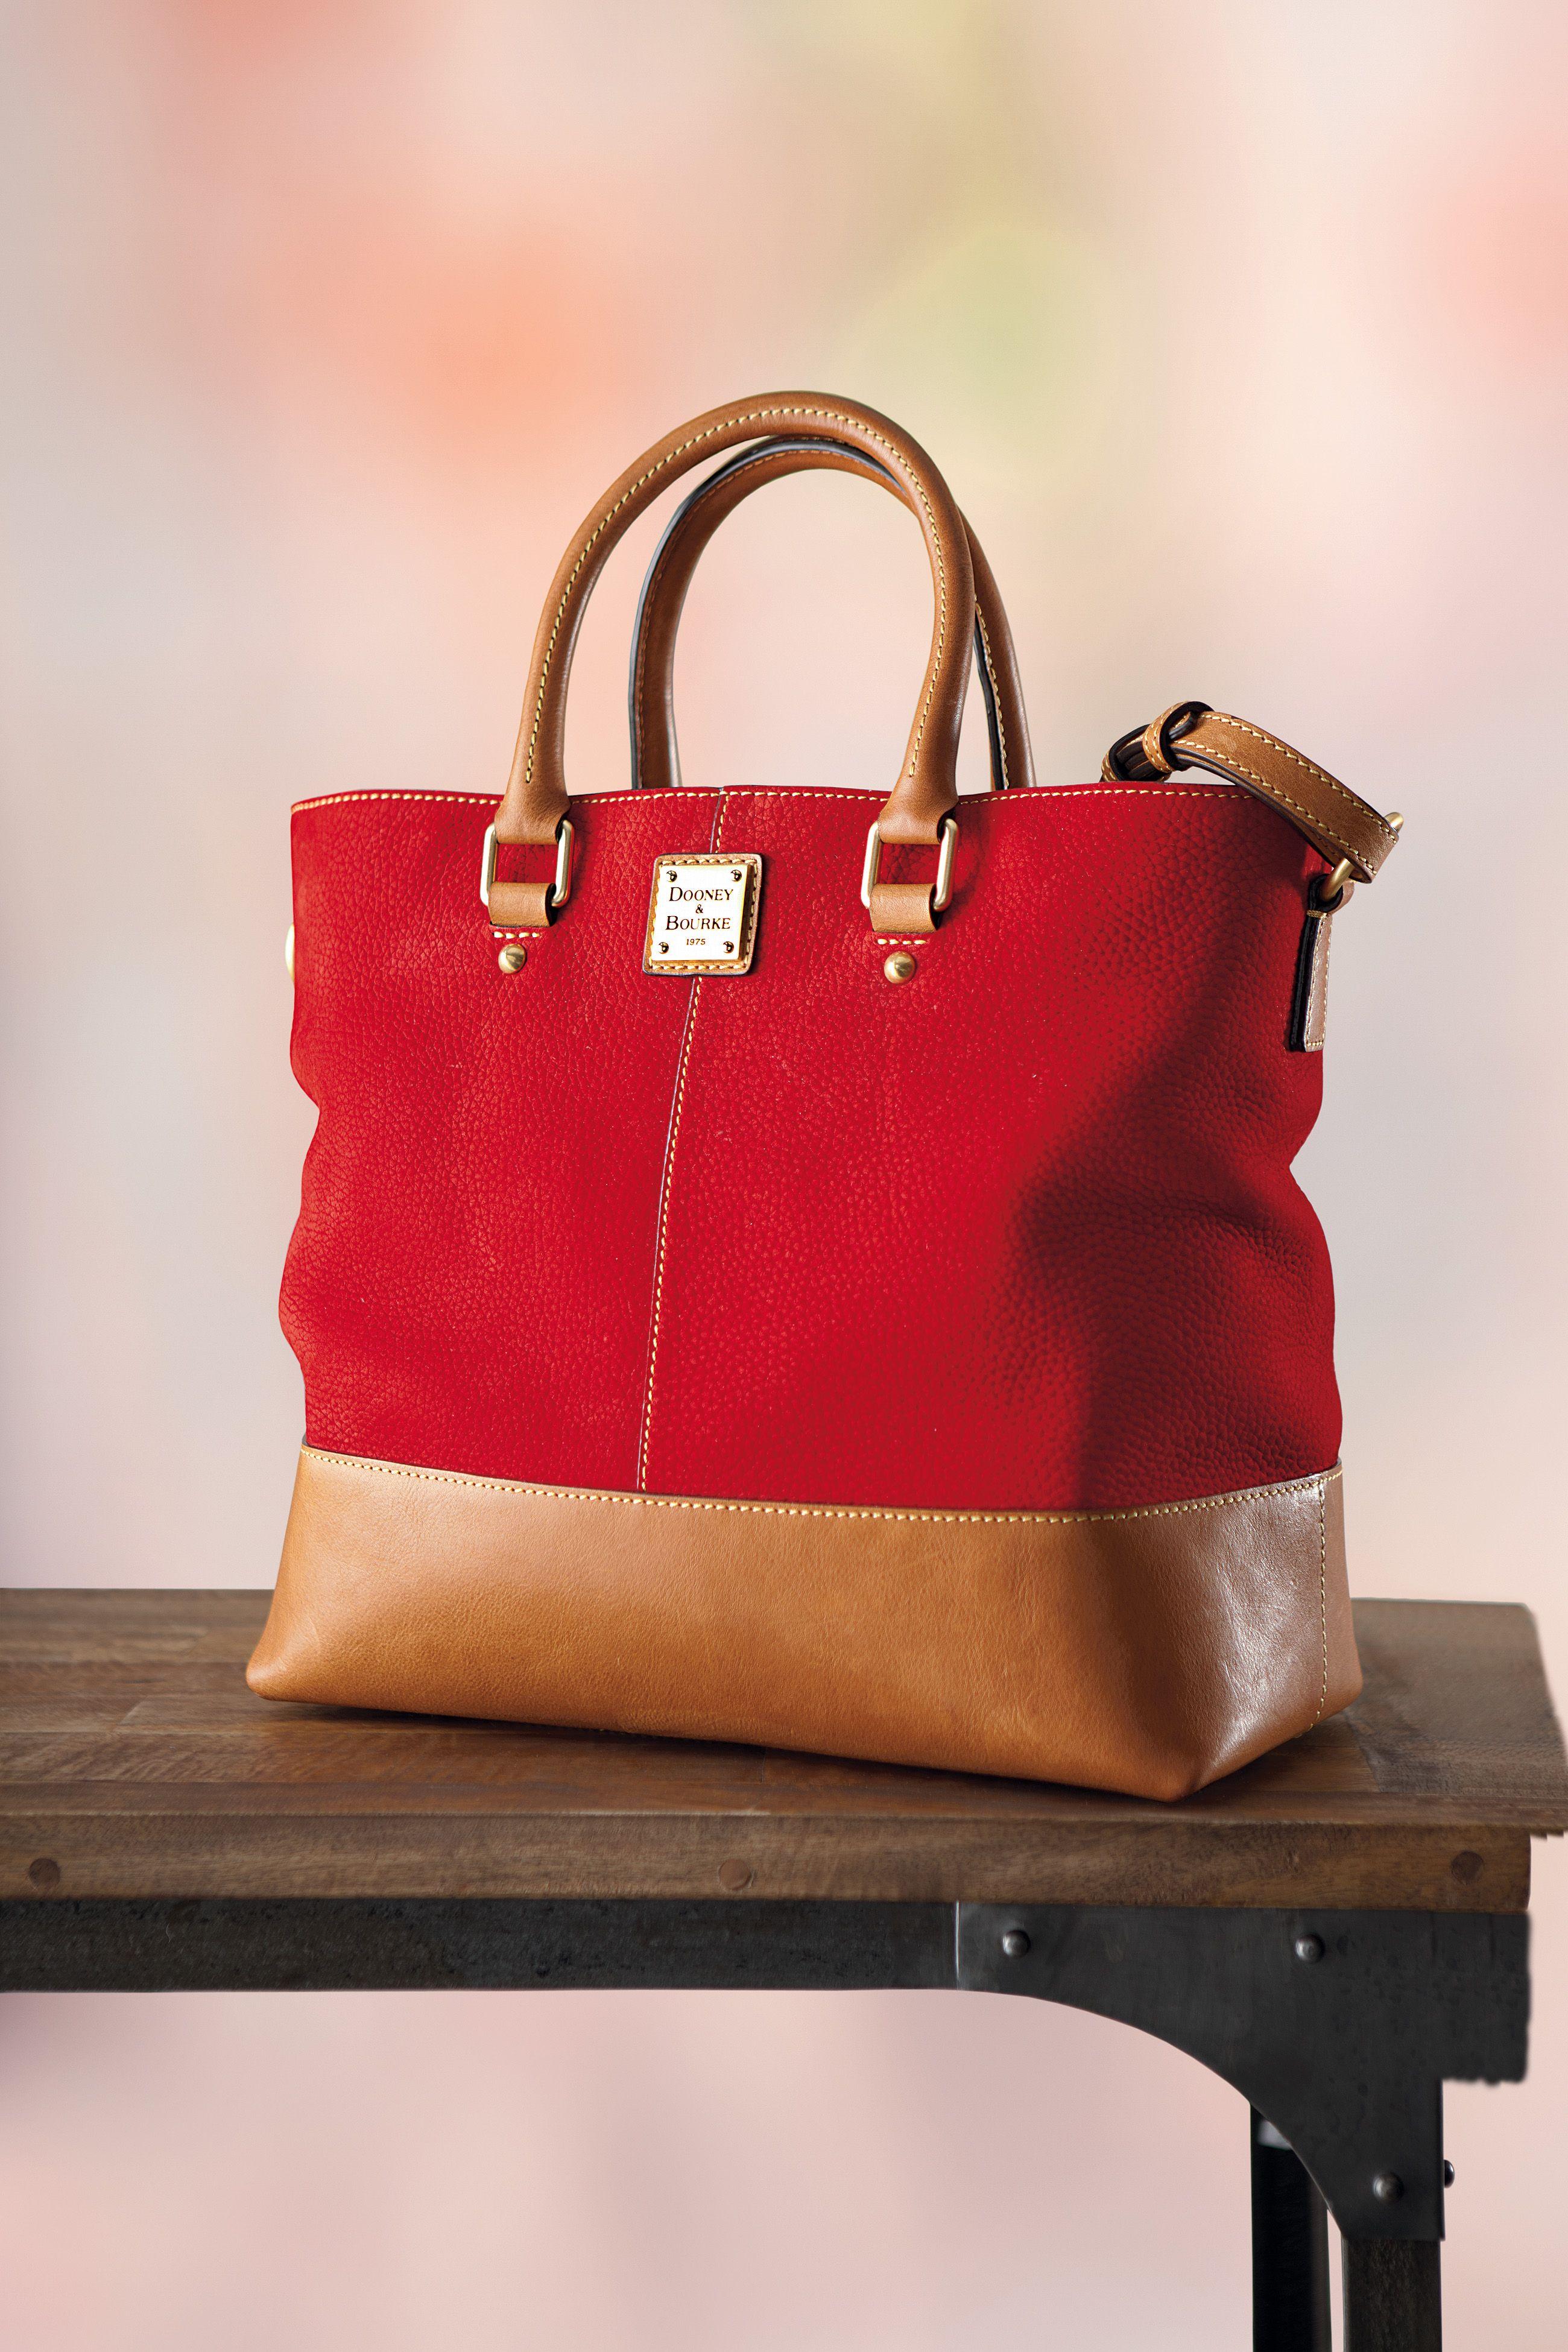 df06373c8334 Dooney & Bourke Designer Handbags #belk #fashion | All About ...